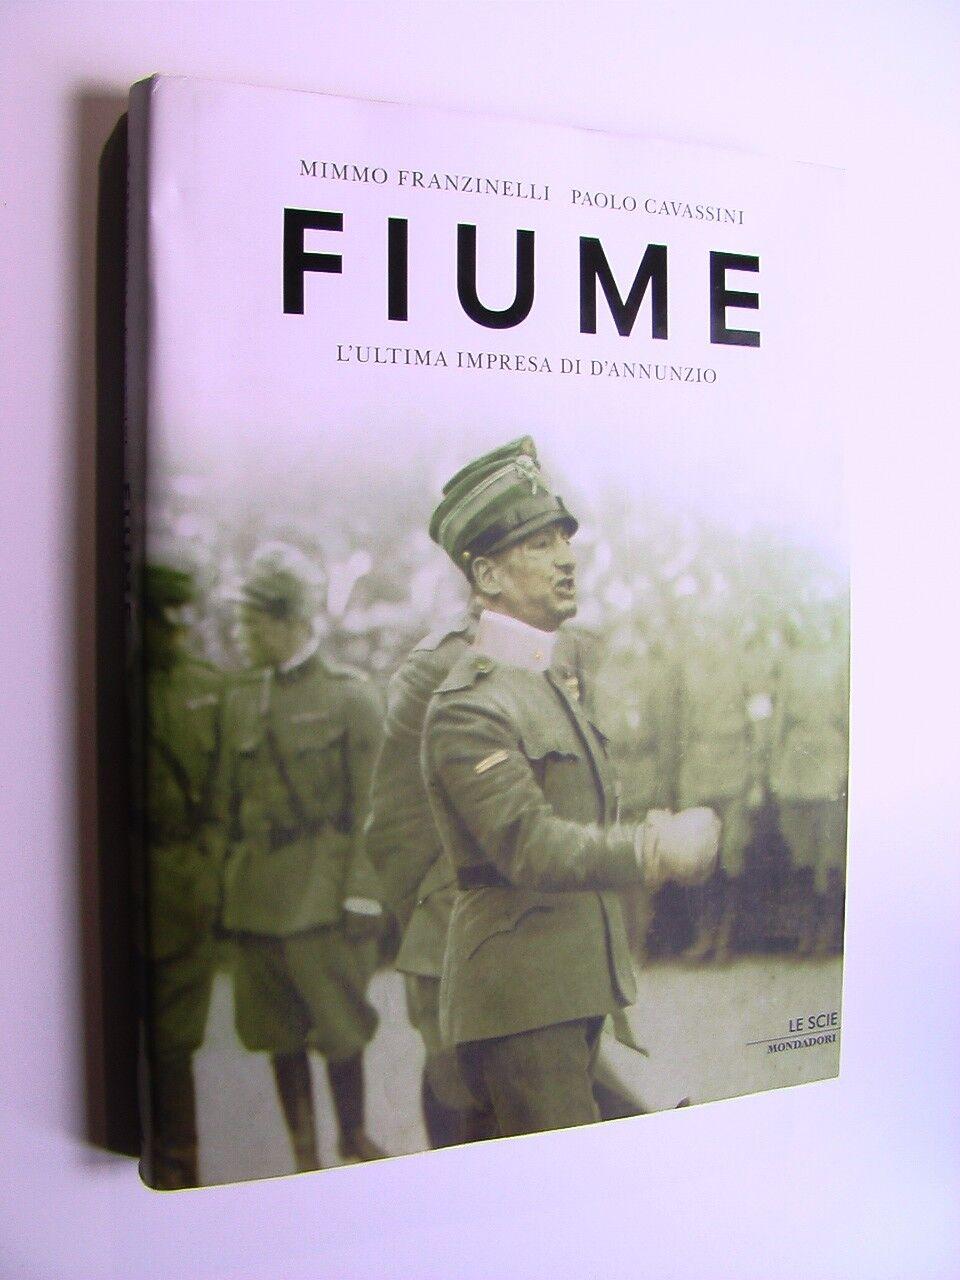 Franzinelli Cavassini - Fiume L'ultima impresa di D'Annunzio Scie Mondadori 2009